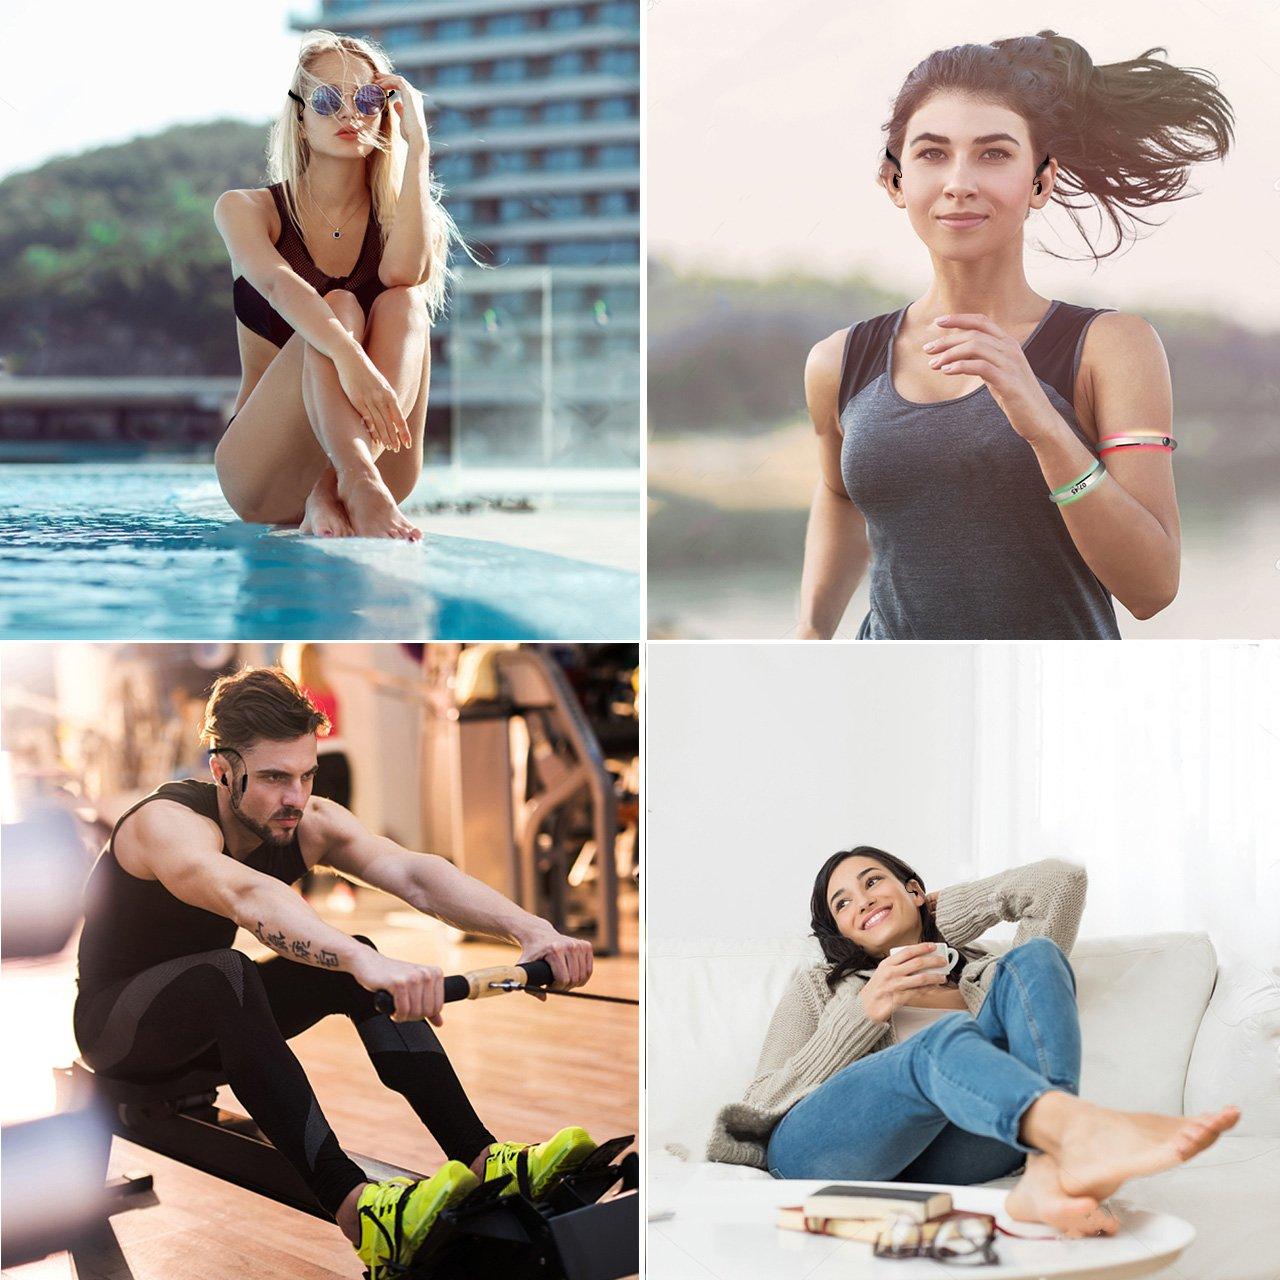 3m Subacu/ático para Nadar Auriculares De Nataci/ón De 8gb con Bluetooth 4.2 FM Tayogo Mp3 Acuatico Ipx8